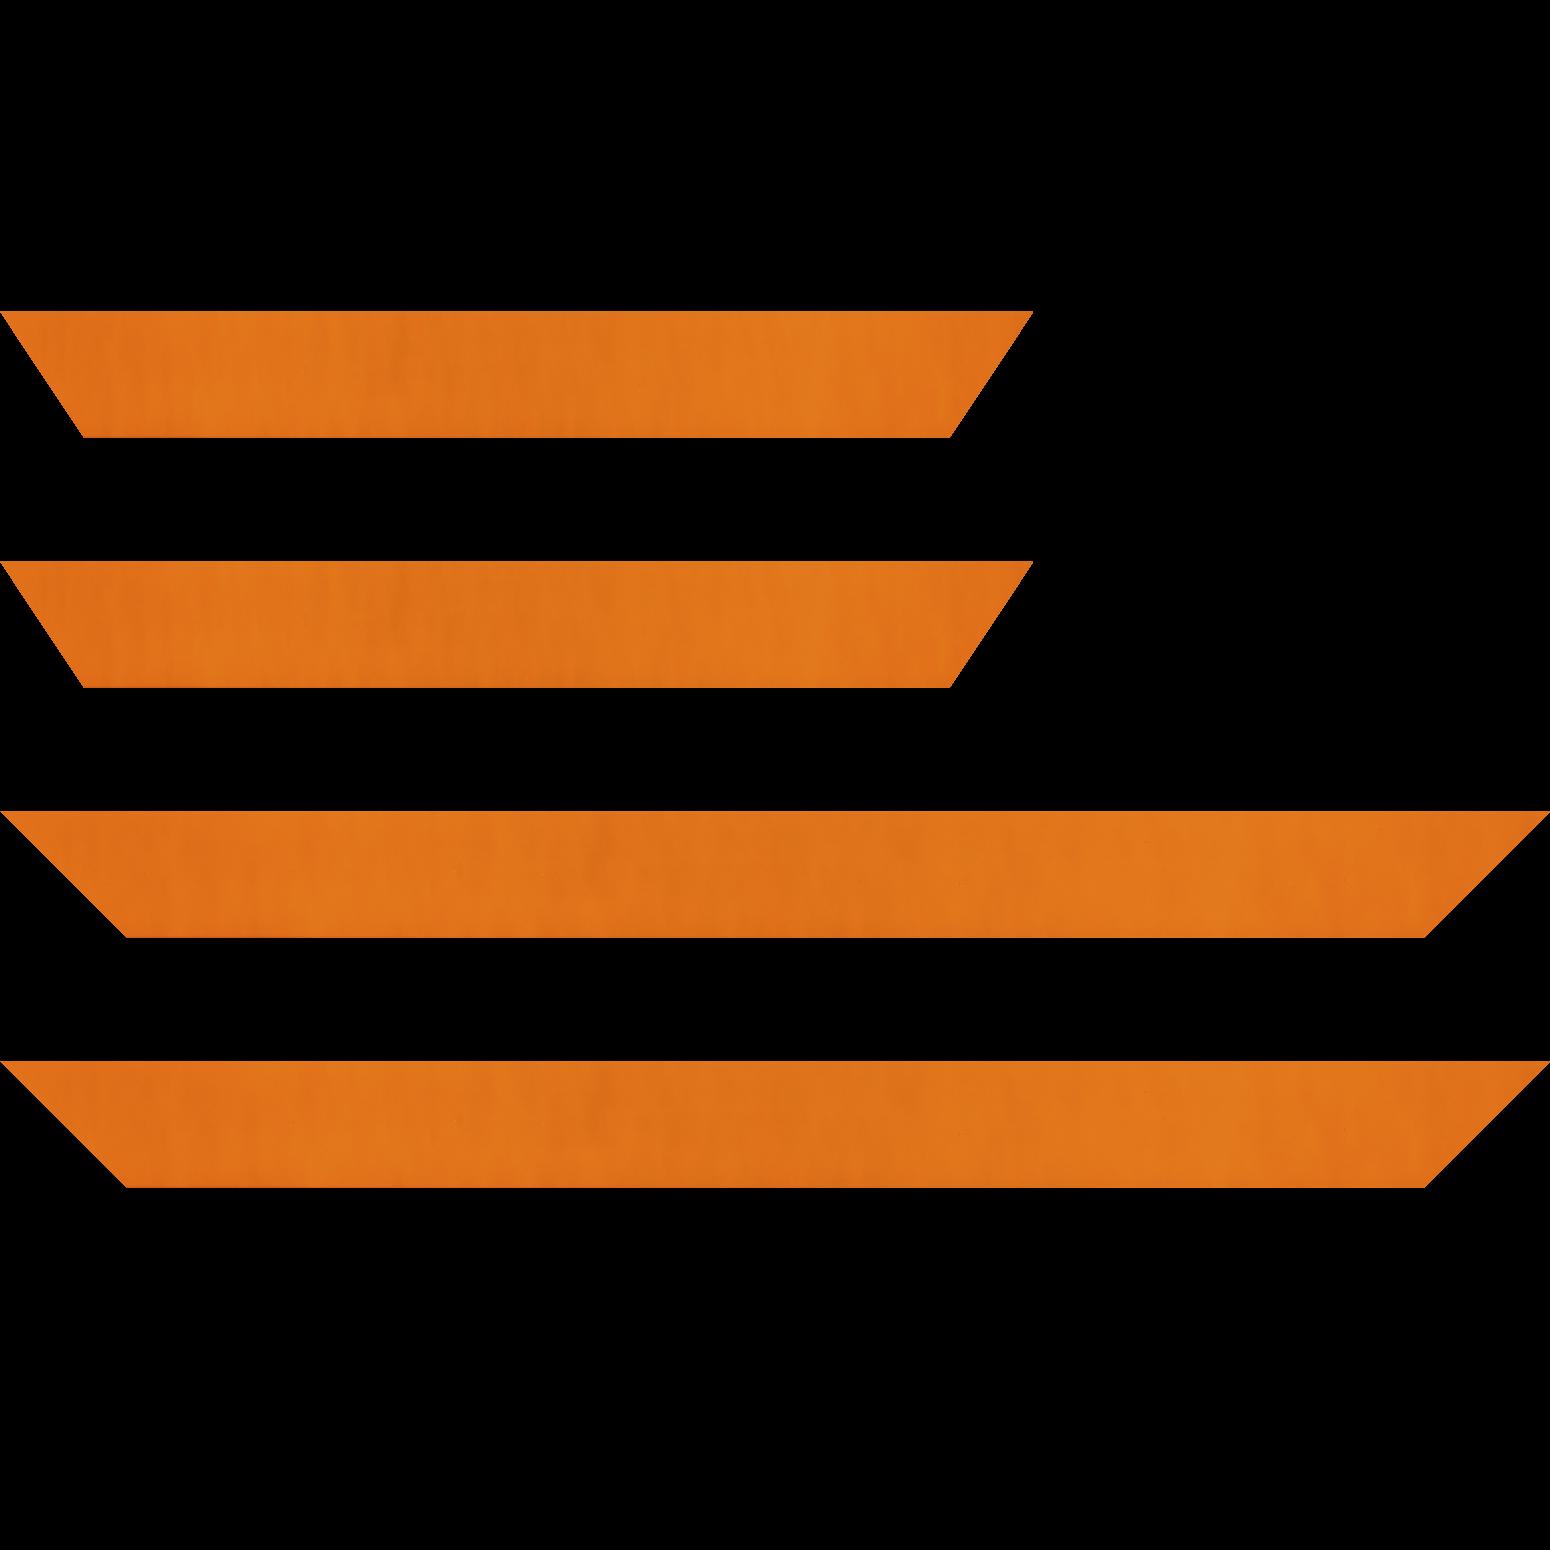 Baguette service précoupé bois profil plat largeur 3.9cm couleur orange mat